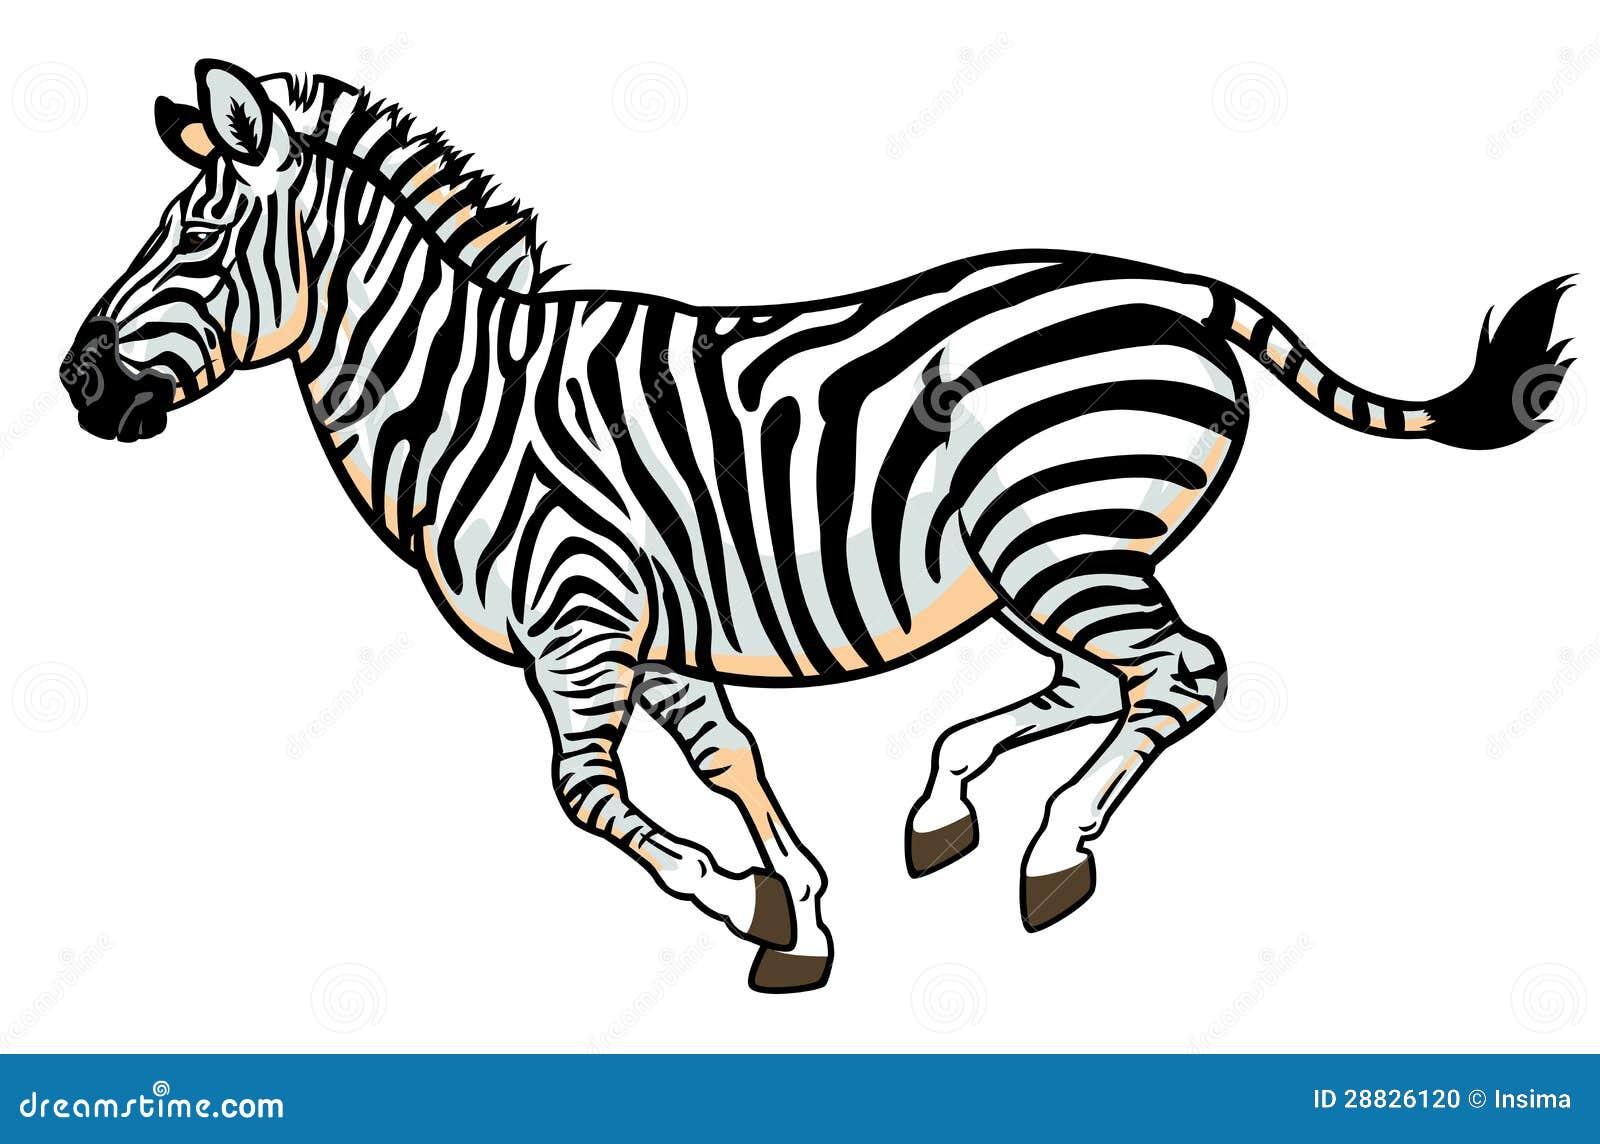 u5728 u767d u8272 u7684 u6591 u9a6c  u5e93 u5b58 u7167 u7247  u56fe u7247 28826120 zebra victor vasarely zebra vector images